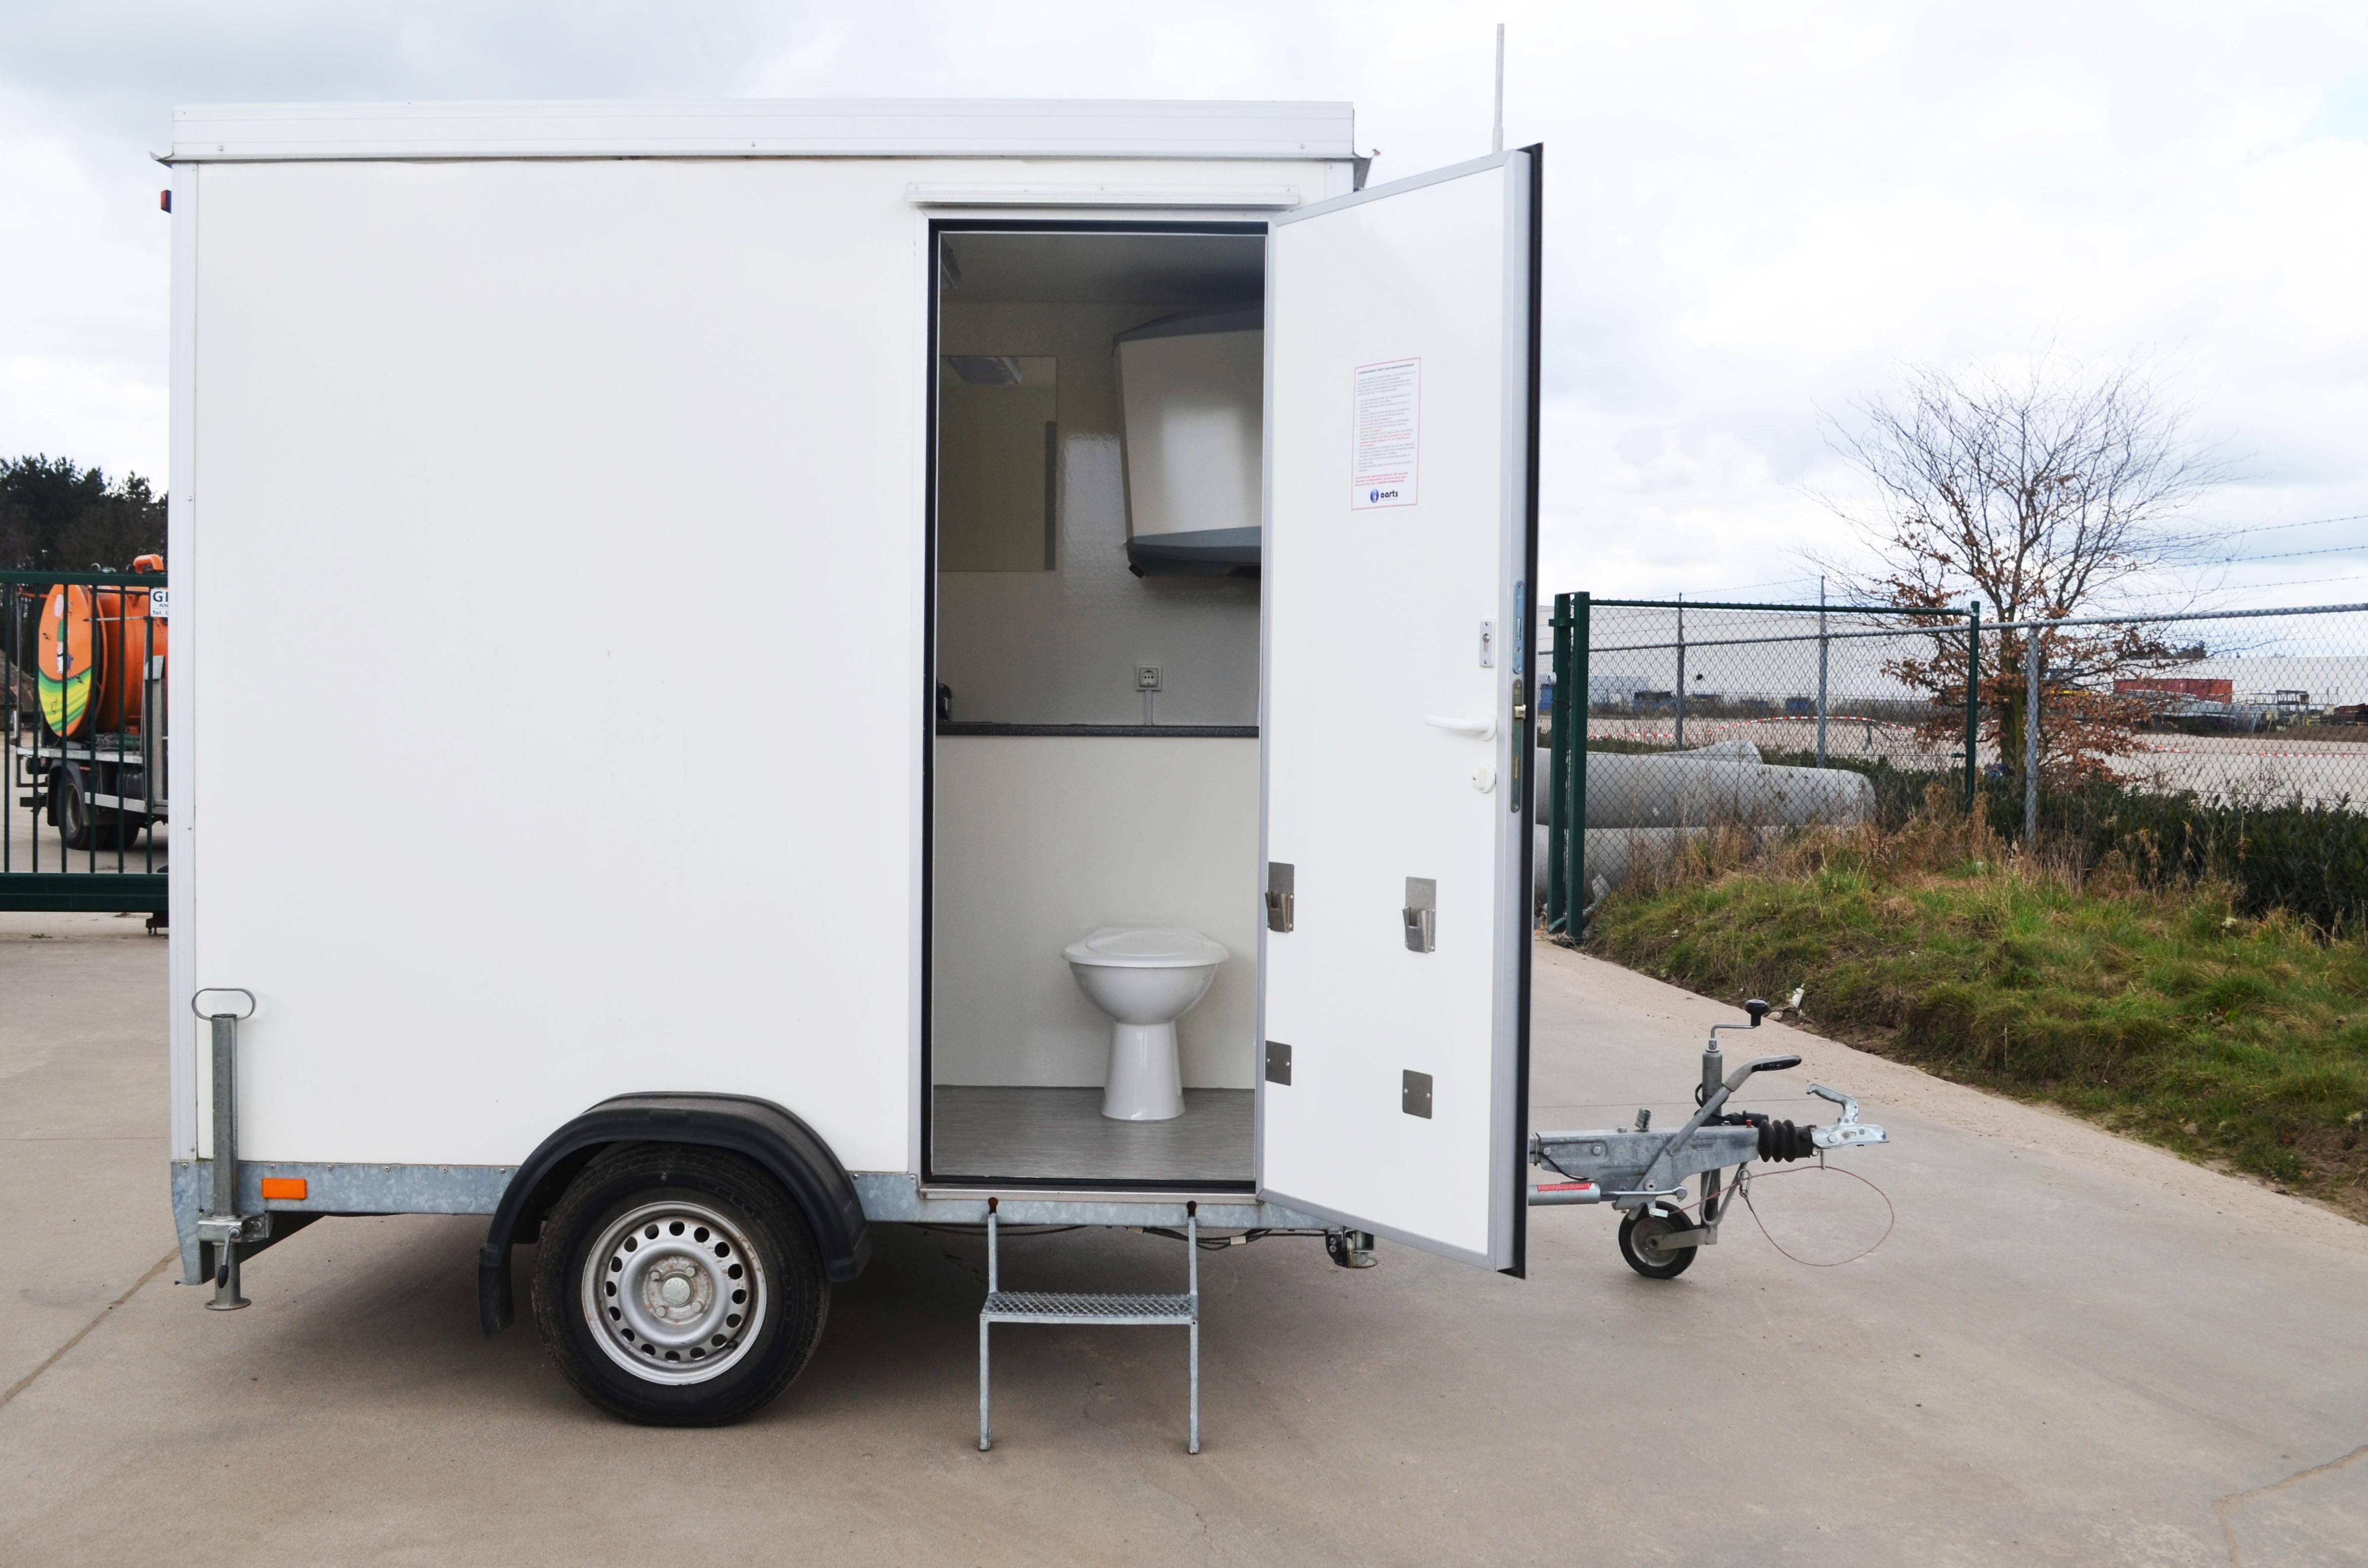 Tijdelijke Mobiele Badkamer : Mobiele badkamer liekens